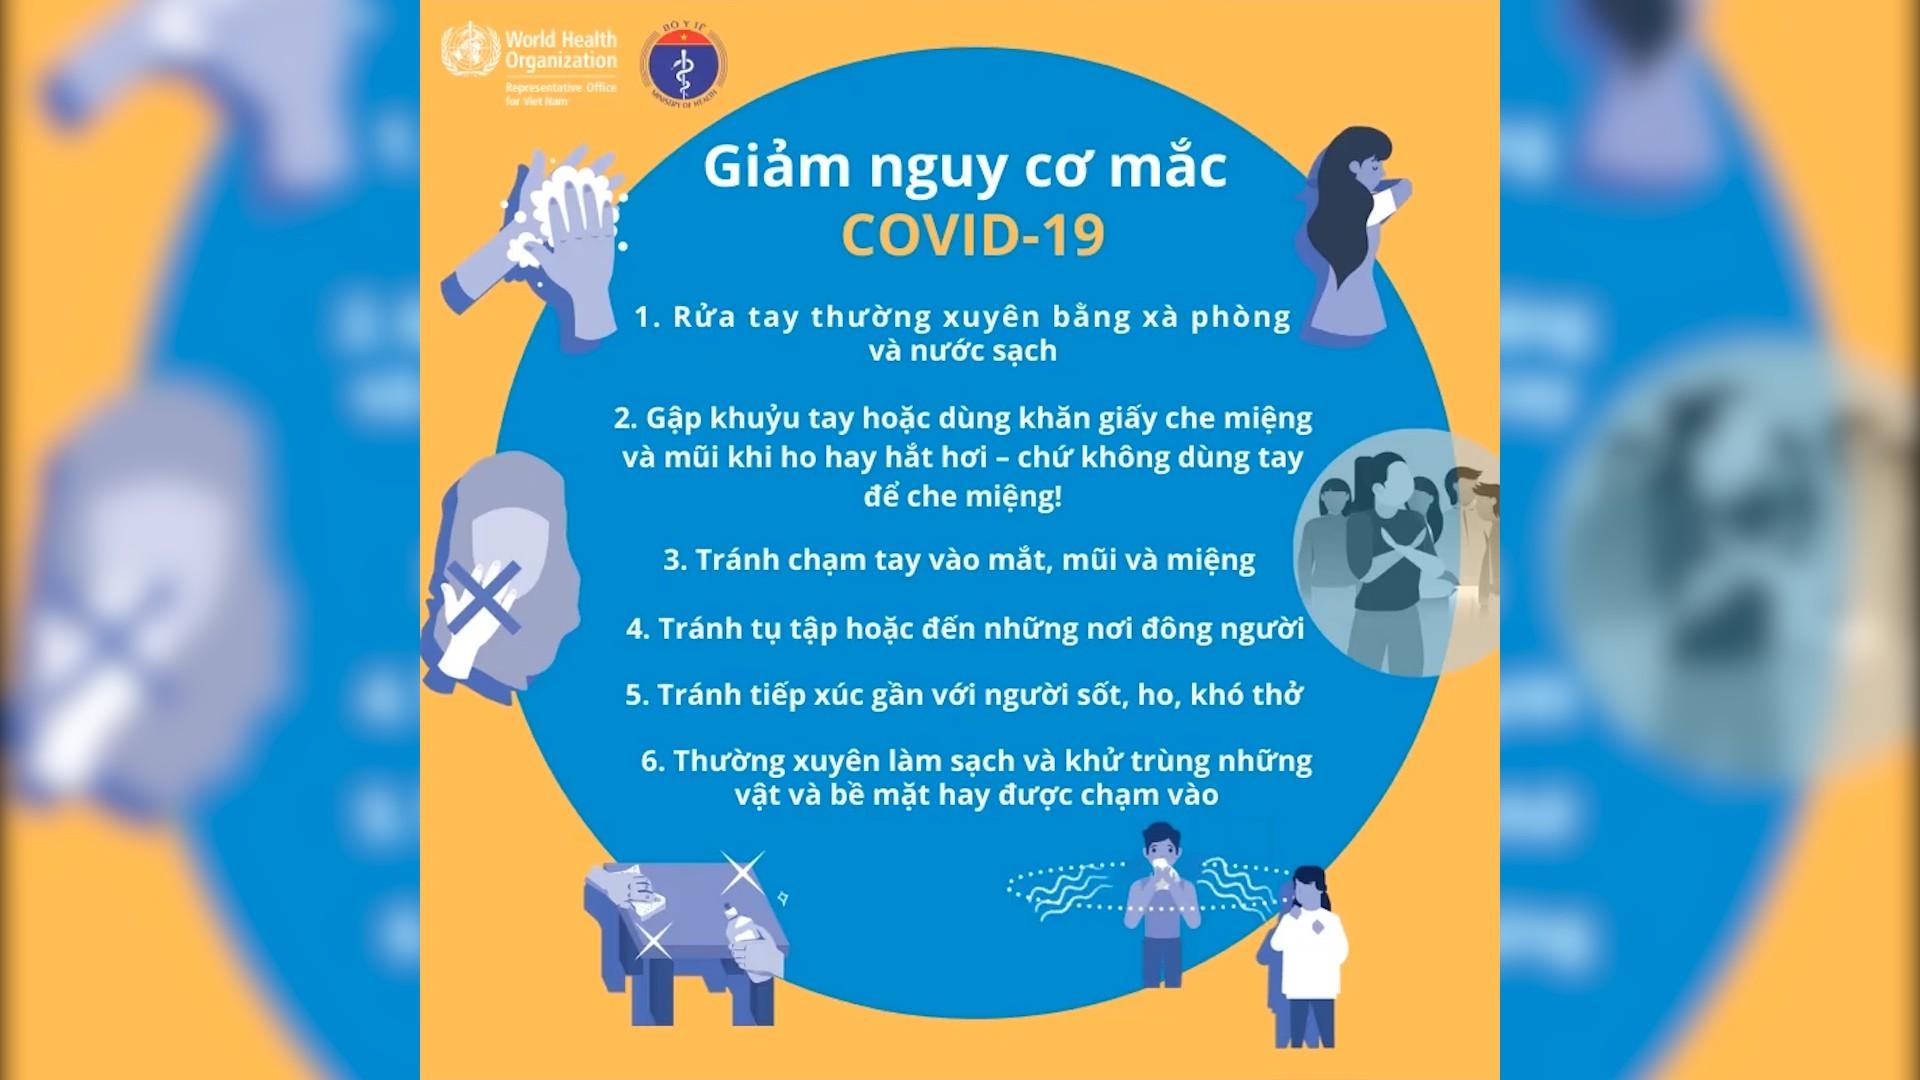 6 mẹo vặt hạn chế lây nhiễm COVID-19